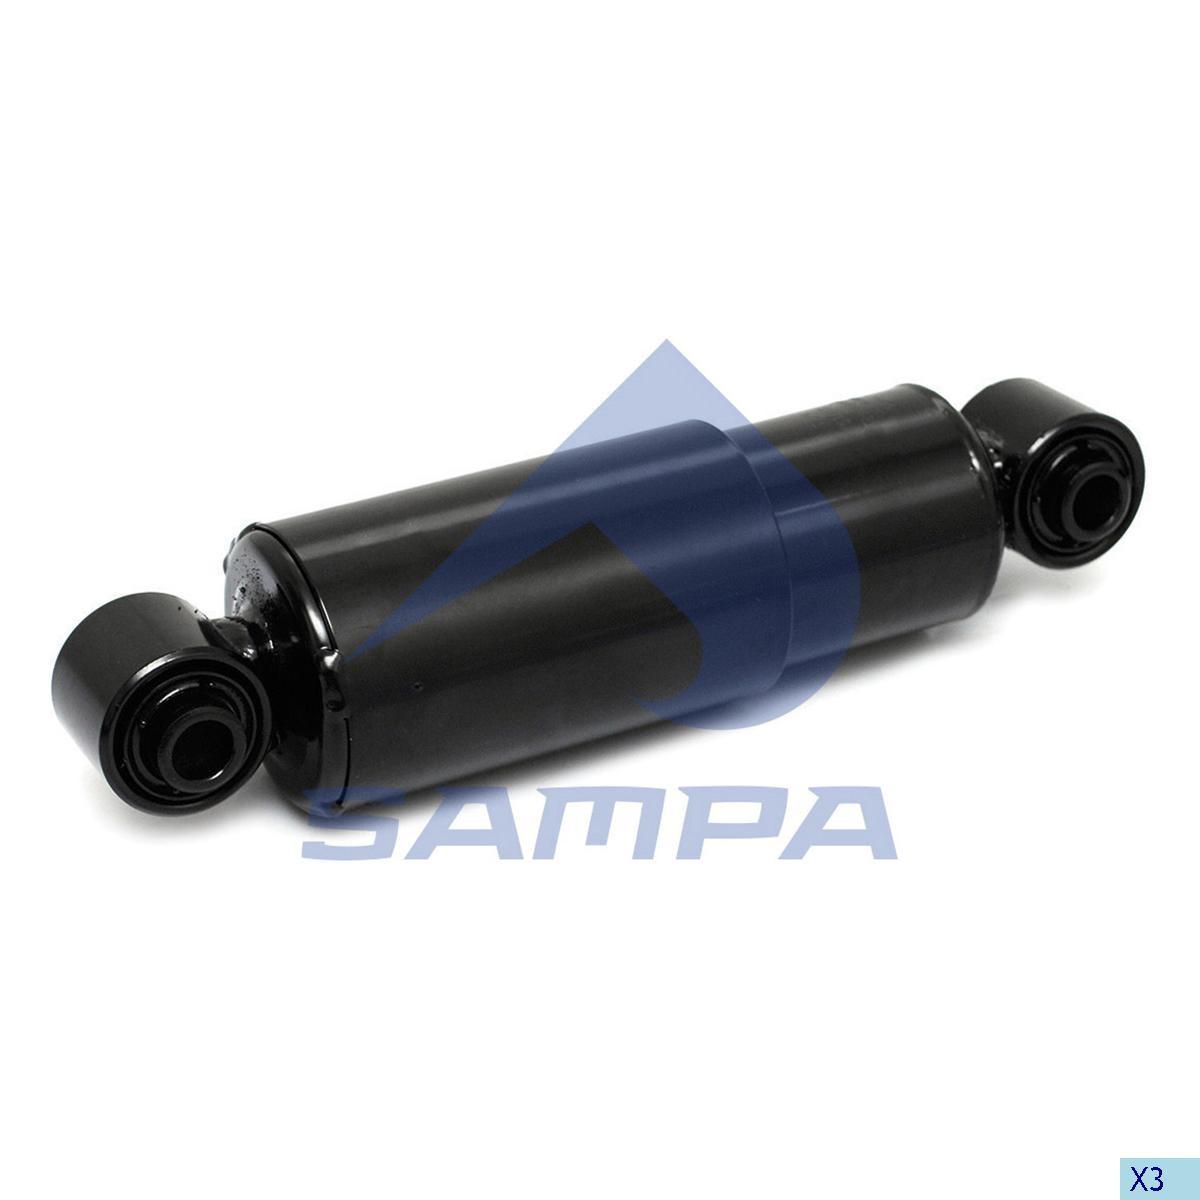 Аммортизатор оси (273-383) 16x16 (Schmitz) photo